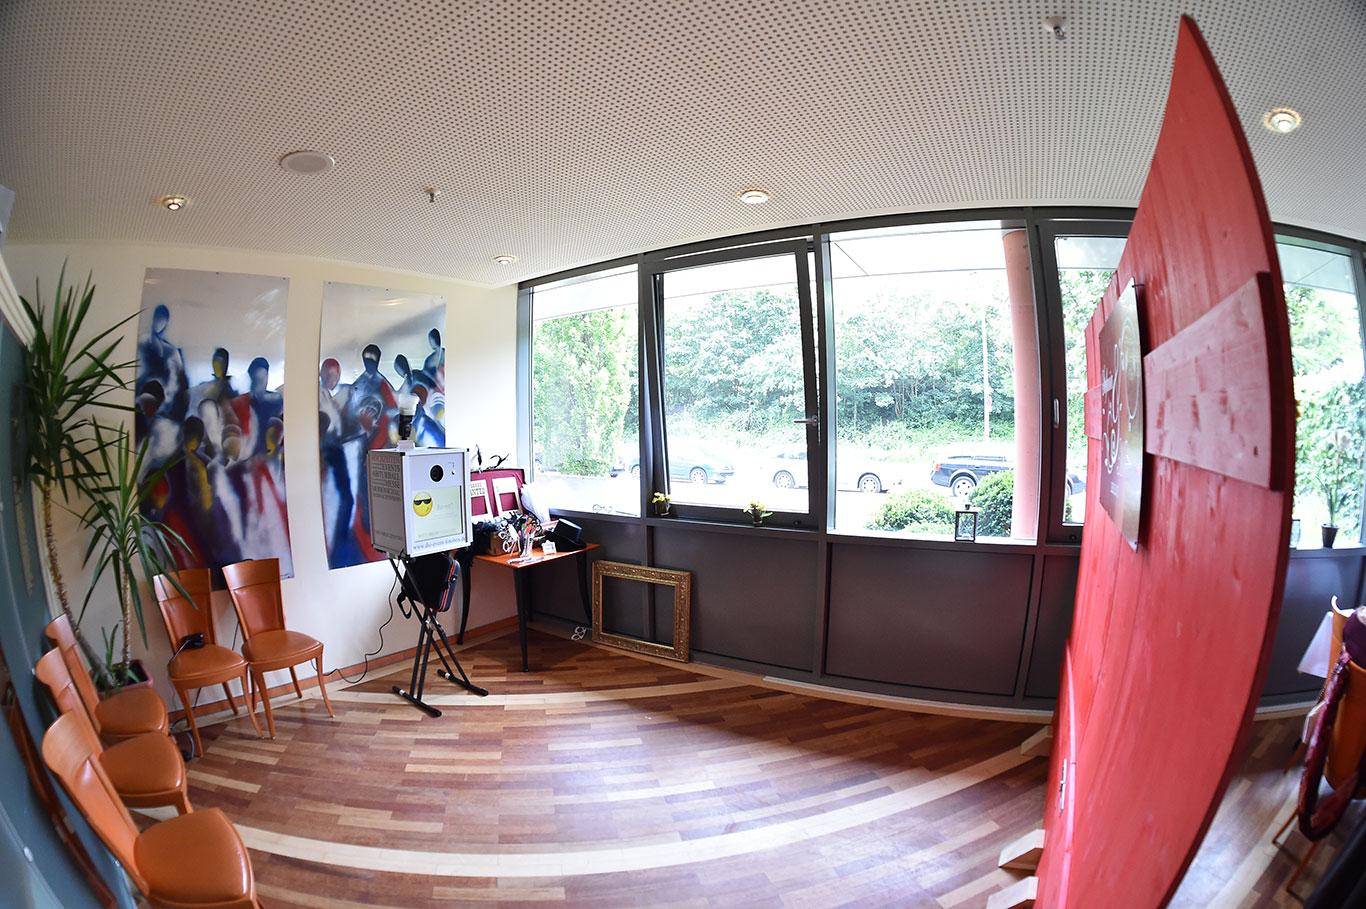 profi fotobox f r eine hochzeit zum schn ppchenpreis mieten. Black Bedroom Furniture Sets. Home Design Ideas